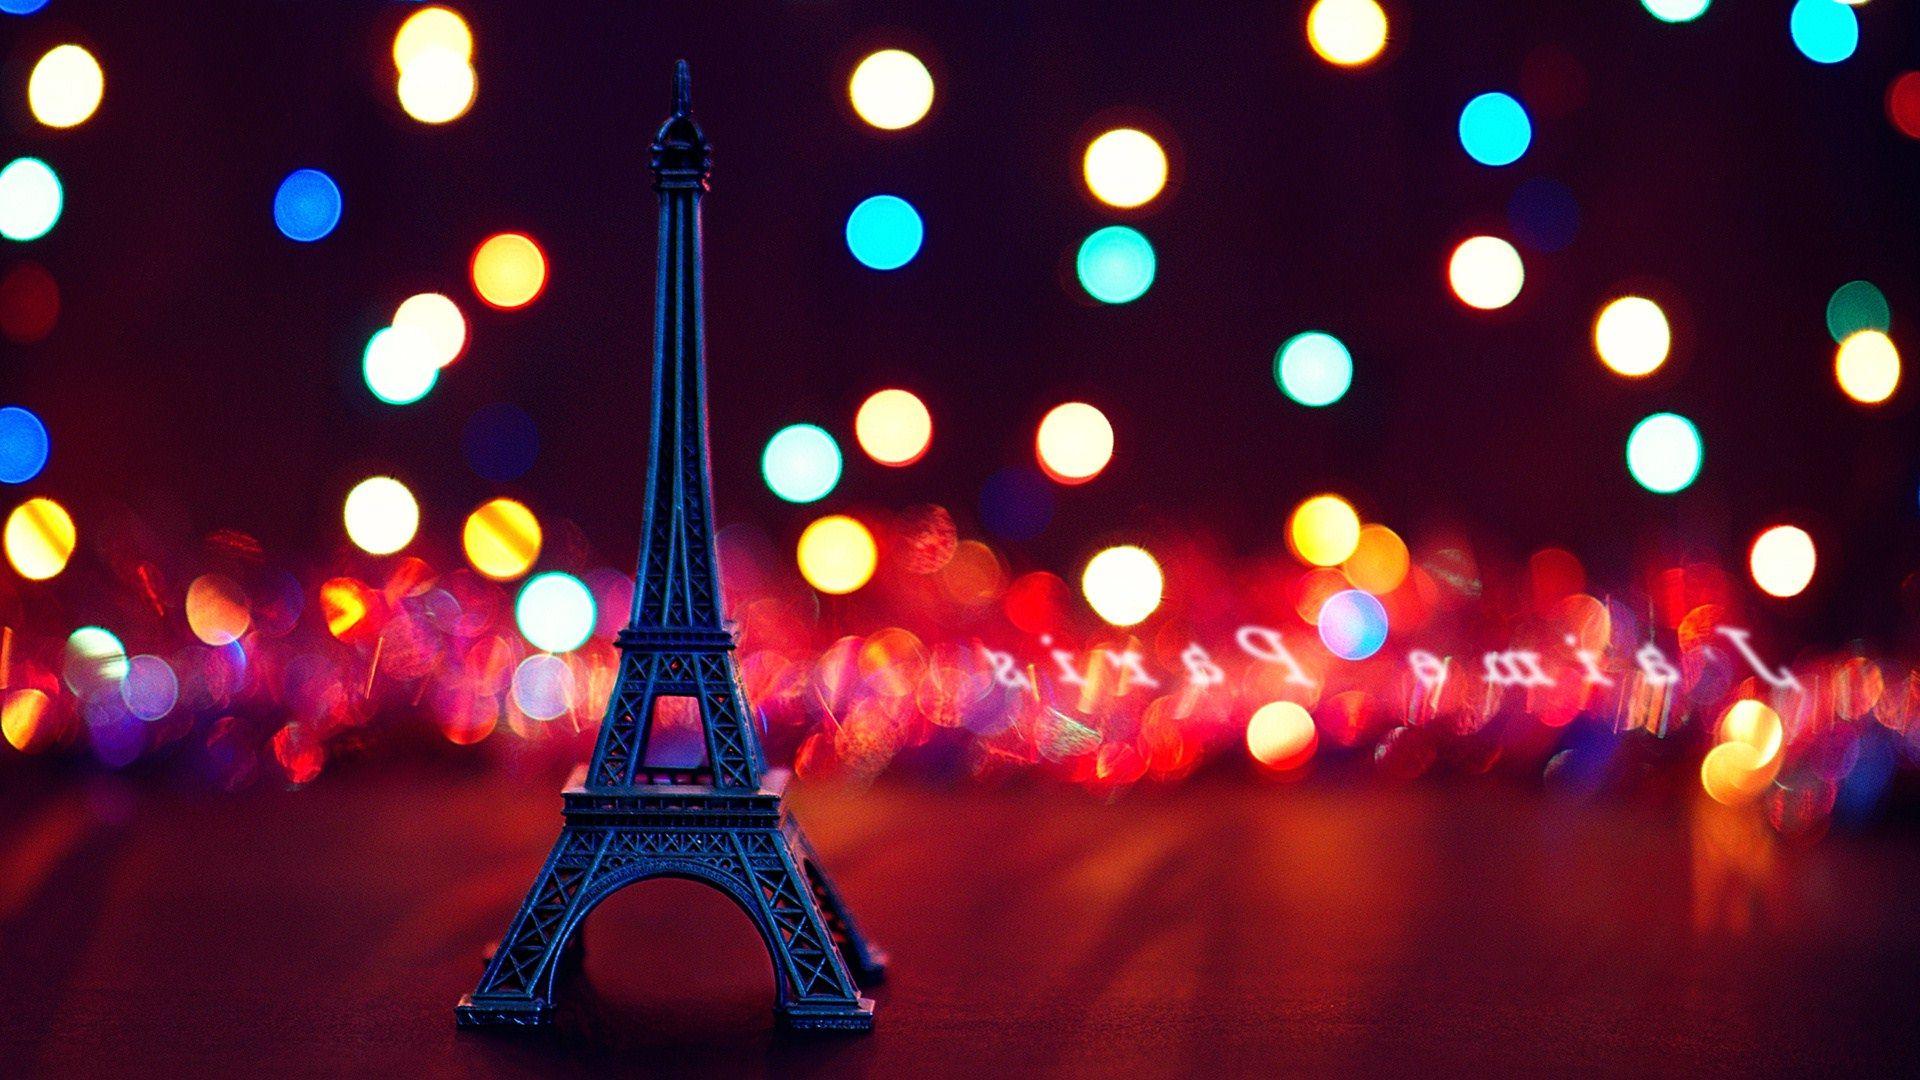 Cute Eiffel Tower Wallpaper: Cute Eiffel Tower Wallpapers